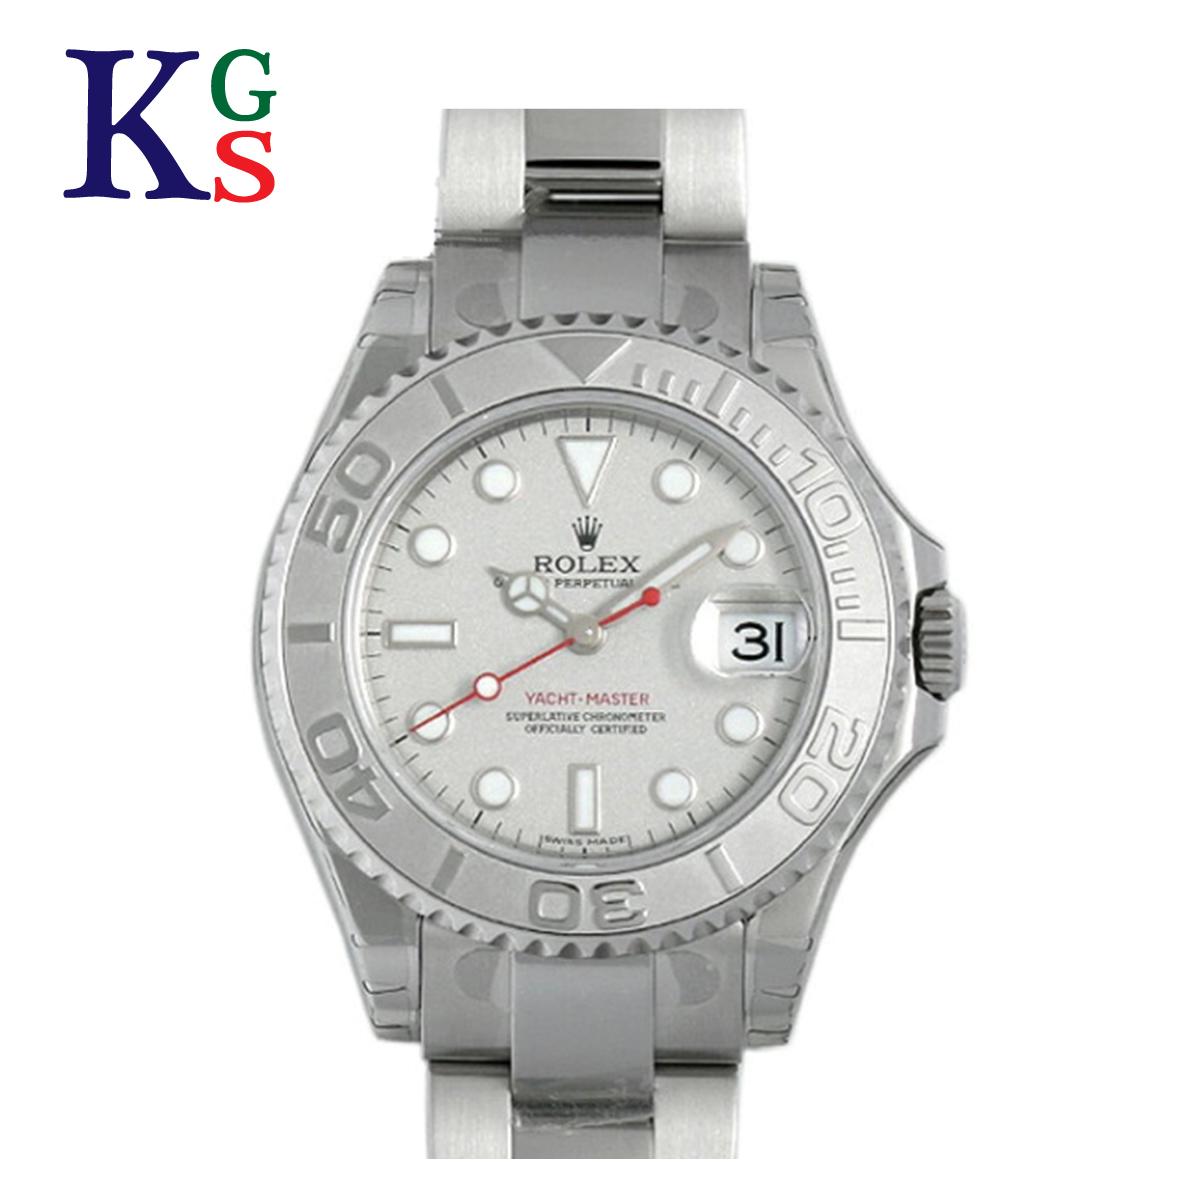 【ギフト品質】ロレックス/ROLEX レディース ボーイズ 腕時計 ヨットマスター ロレジウム Pt×SS プラチナベゼル 168622